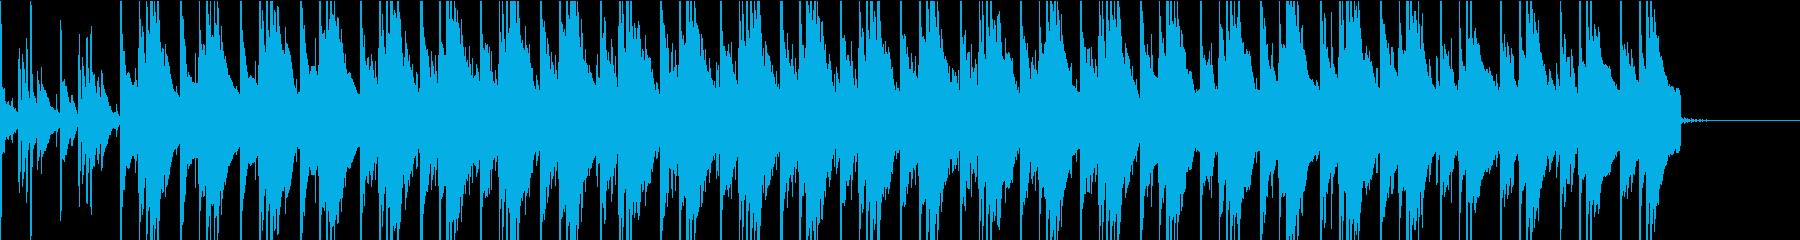 和楽器を使ったゆっくりリズムの再生済みの波形